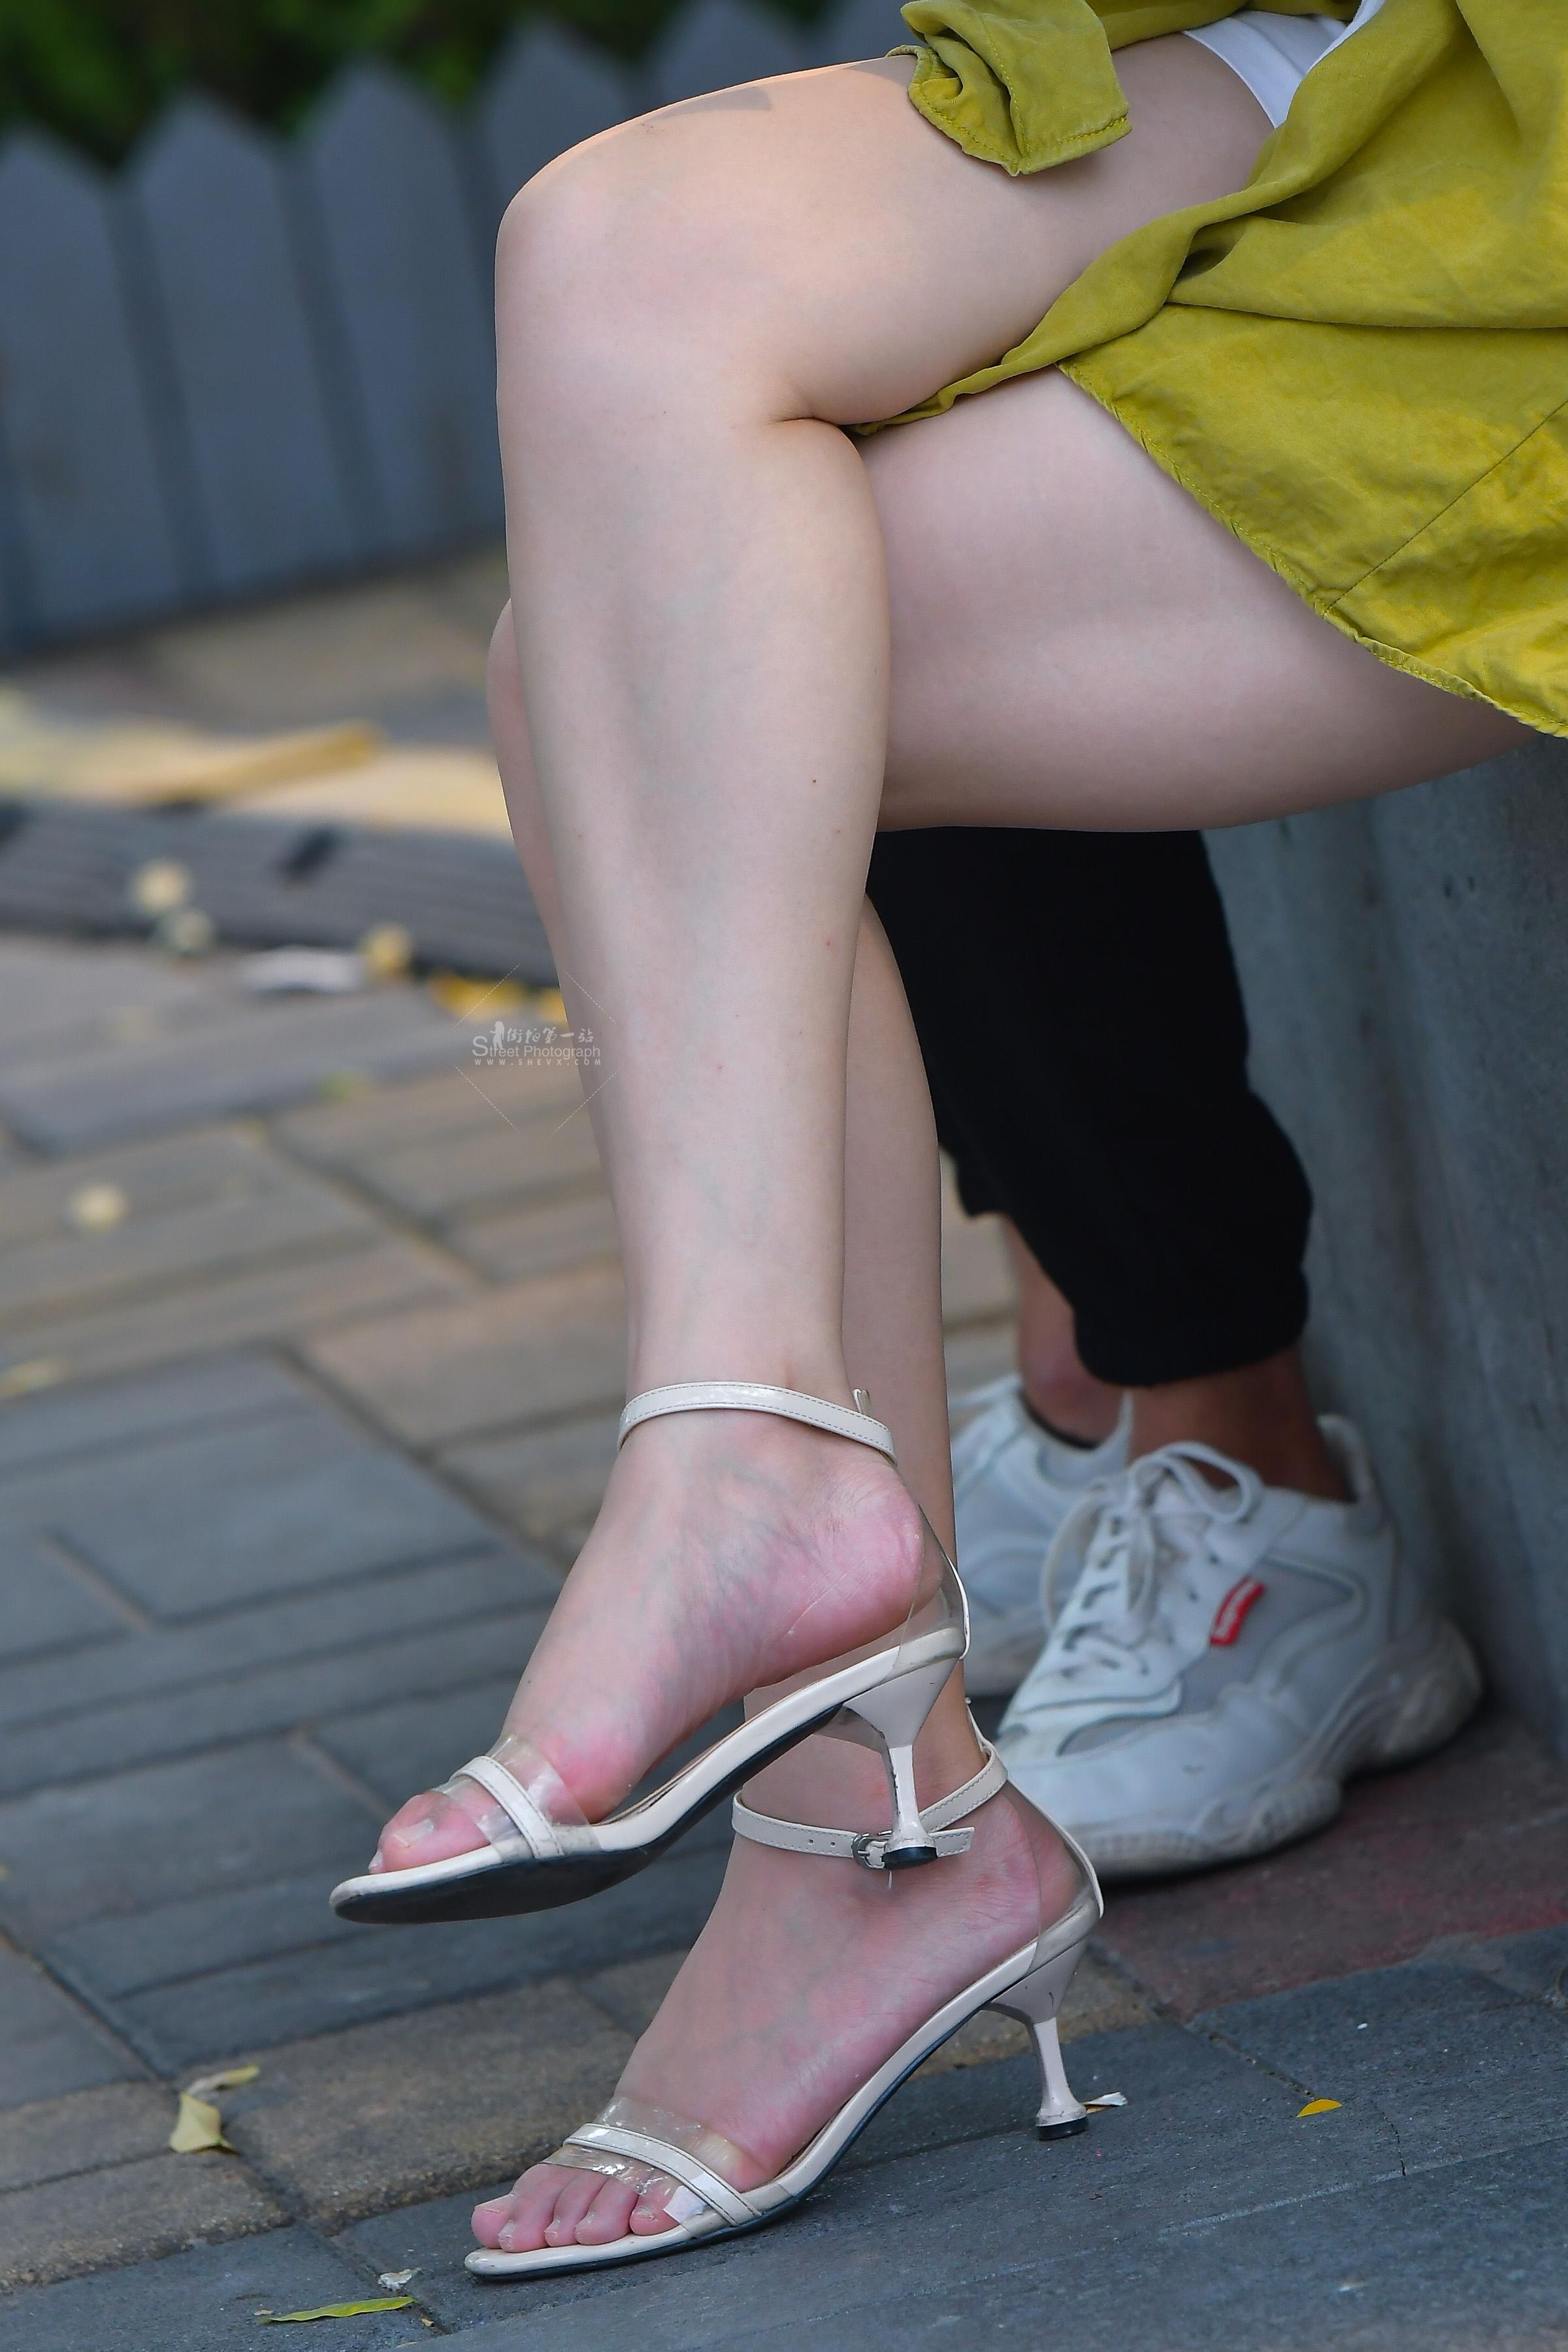 街拍长腿,街拍高跟 白皙粉色迷人 长腿高跟姑娘小憩一会就走了 最新街拍丝袜图片 街拍丝袜第一站